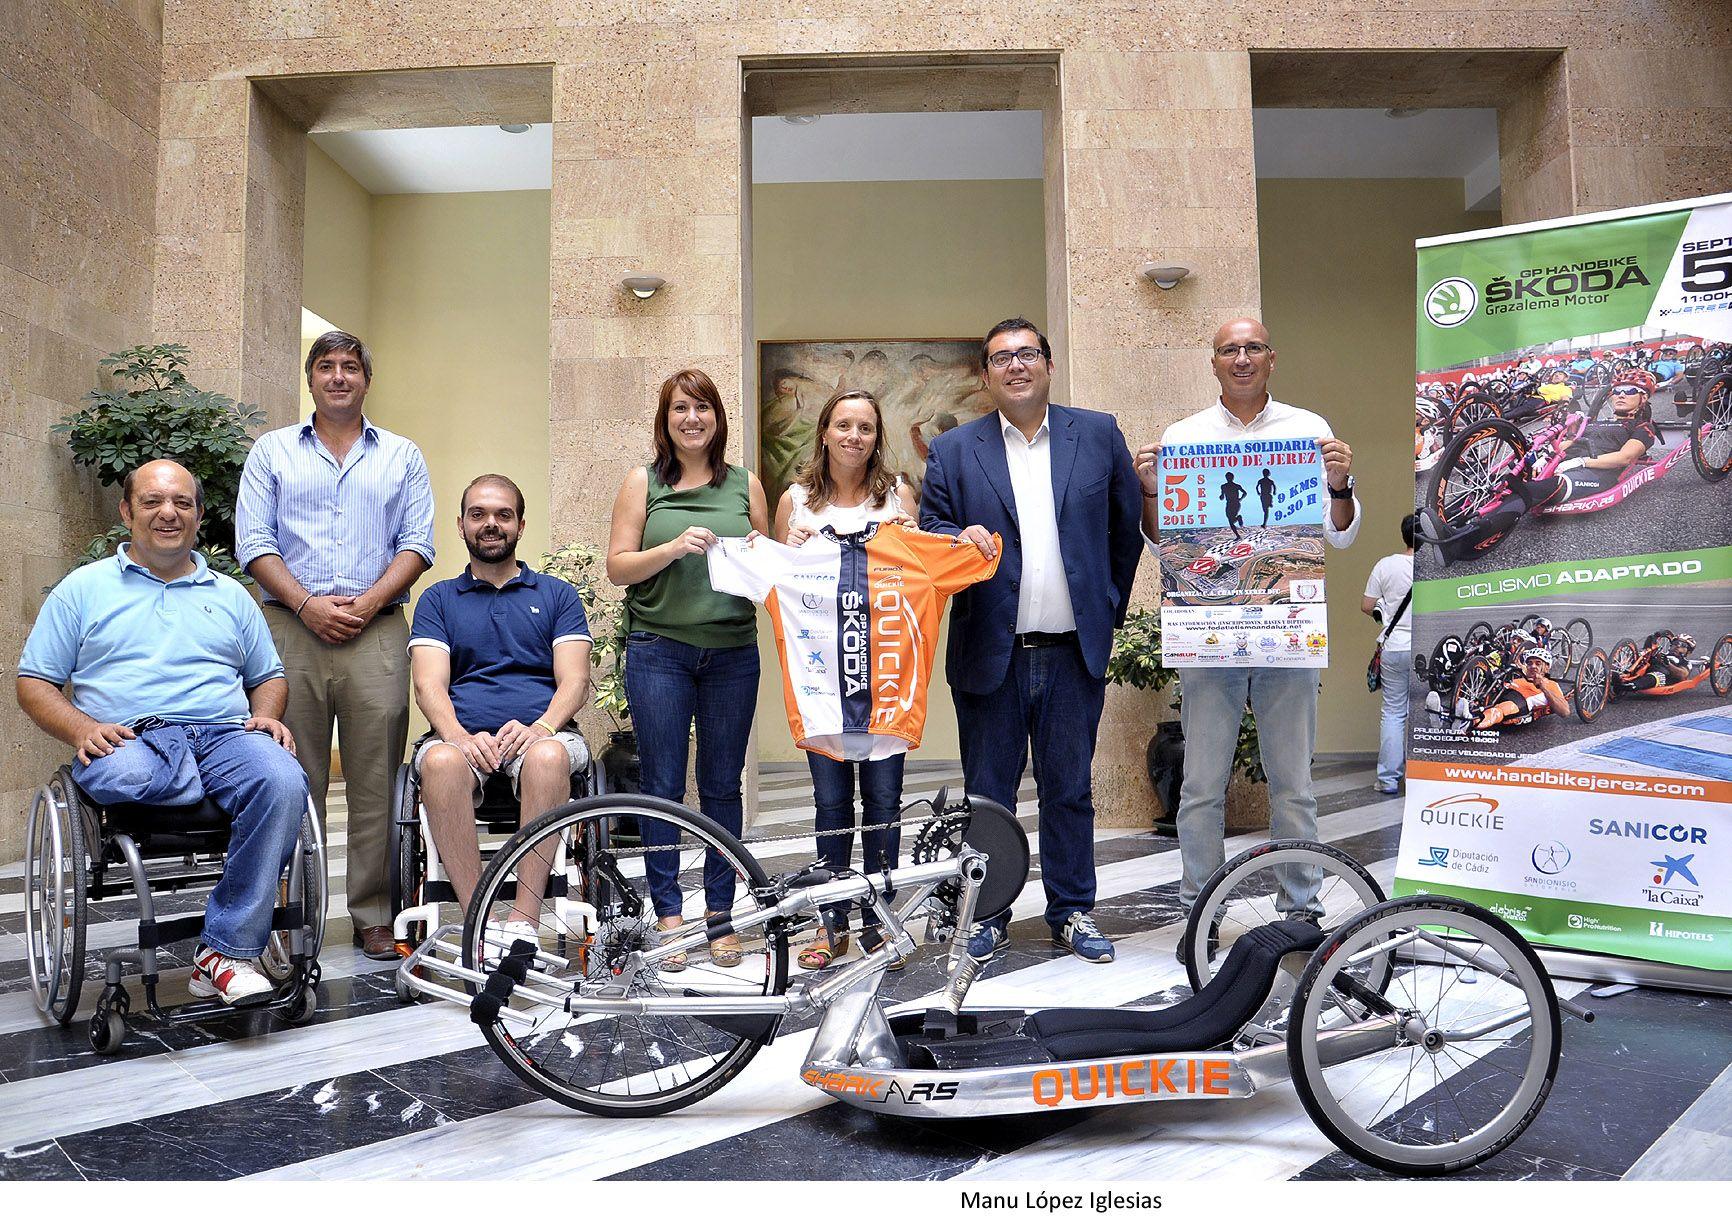 Laura_Alvarez_e_Isabel_Armario_pres_IV_Carrera_Circuito_de_Jerez_y_GP_de_Handbike___01